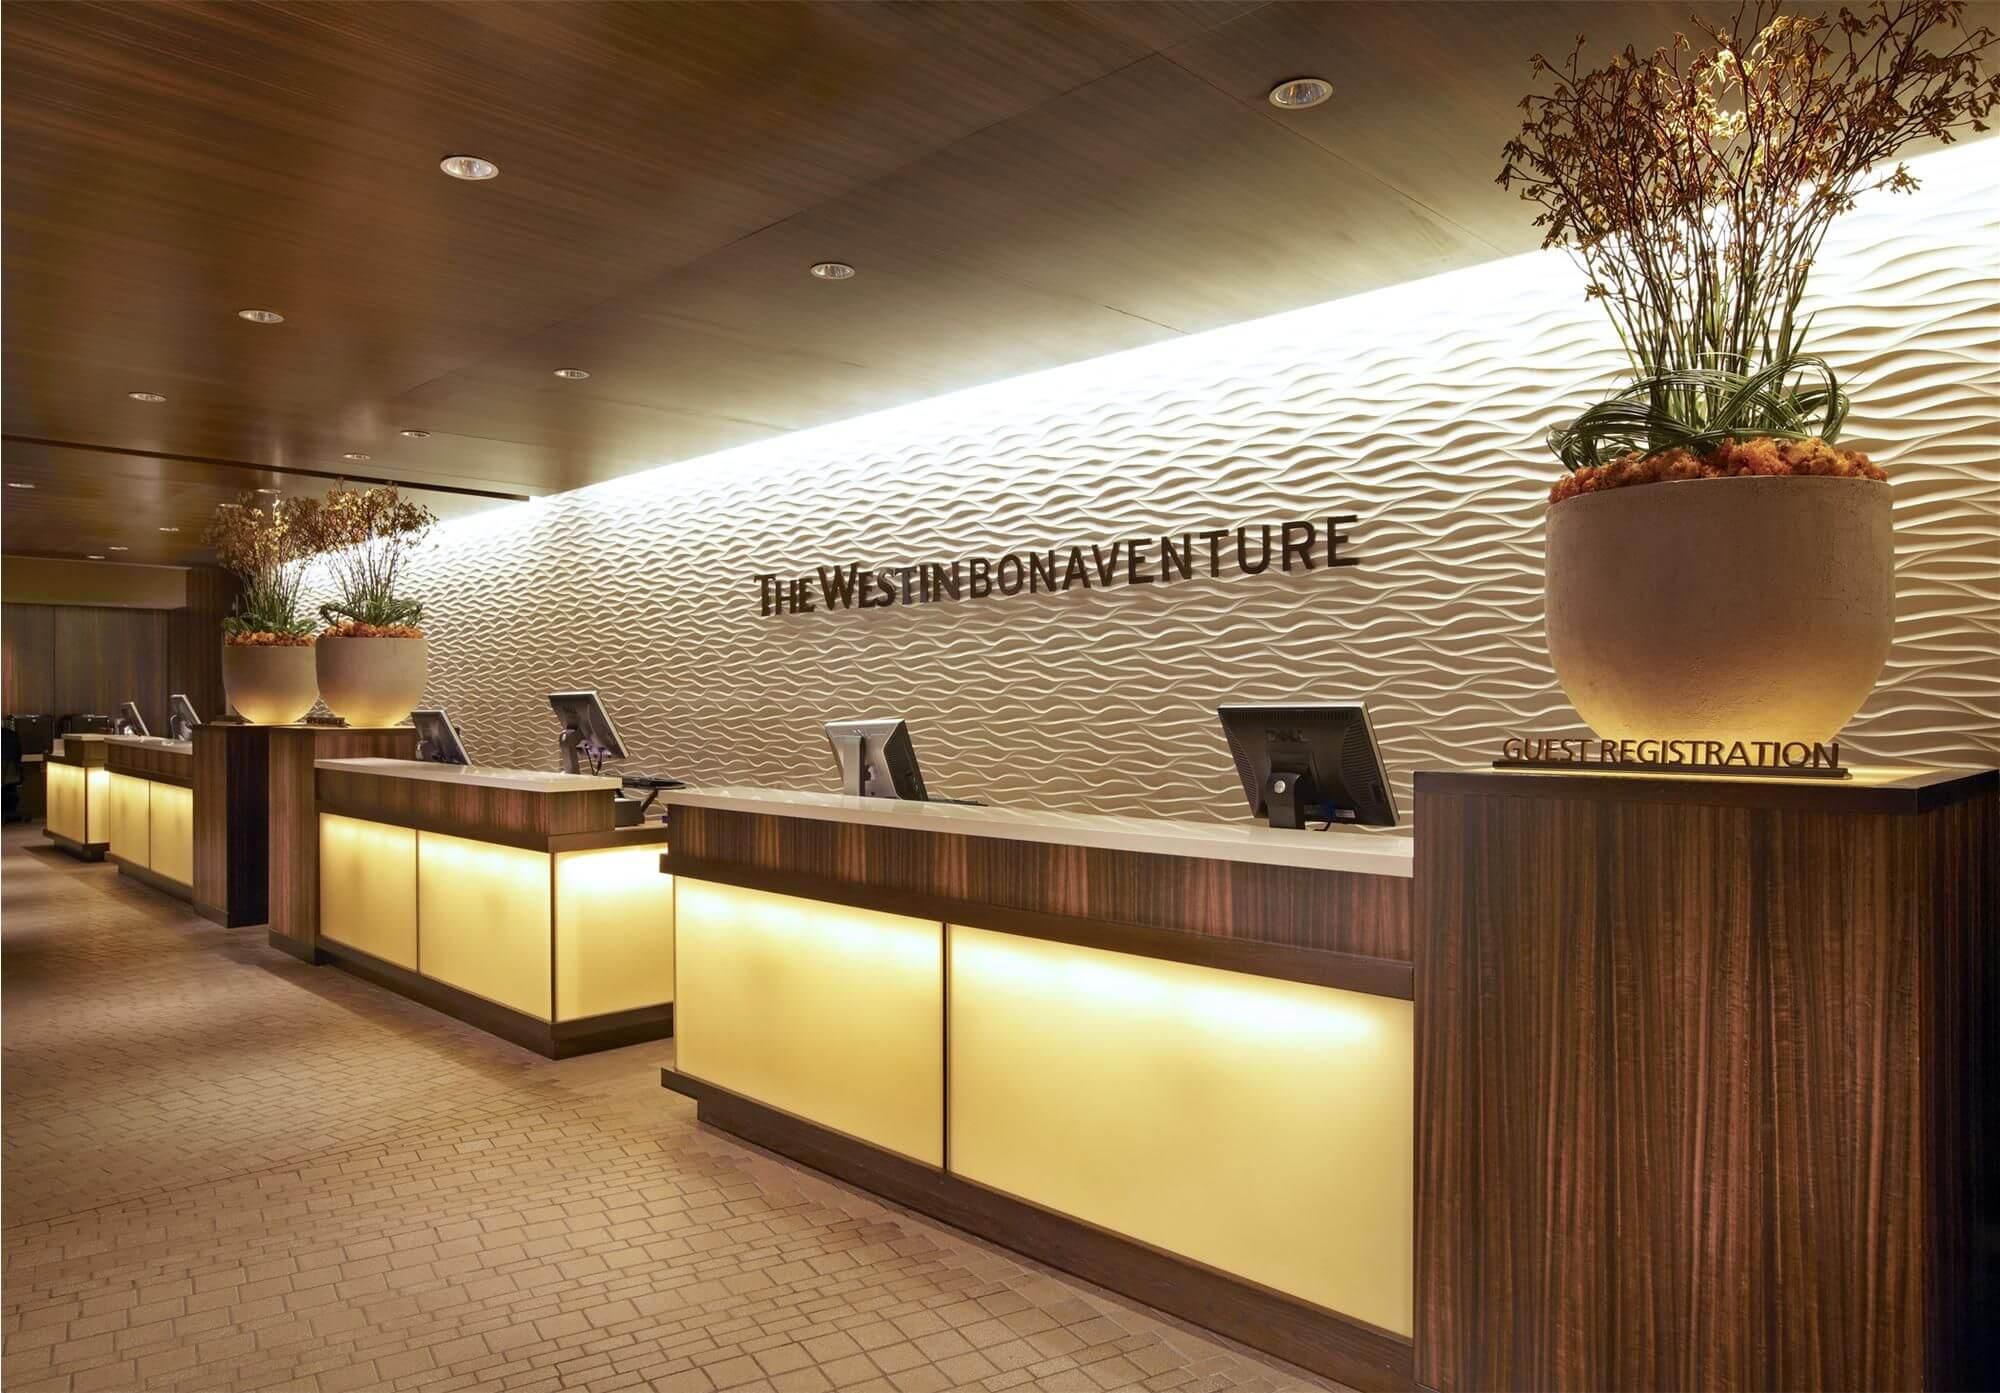 تصویری از پذیرش هتل را نشان می دهد که در آن تعدادی میز، صندلی و سیستم قرار دارد.